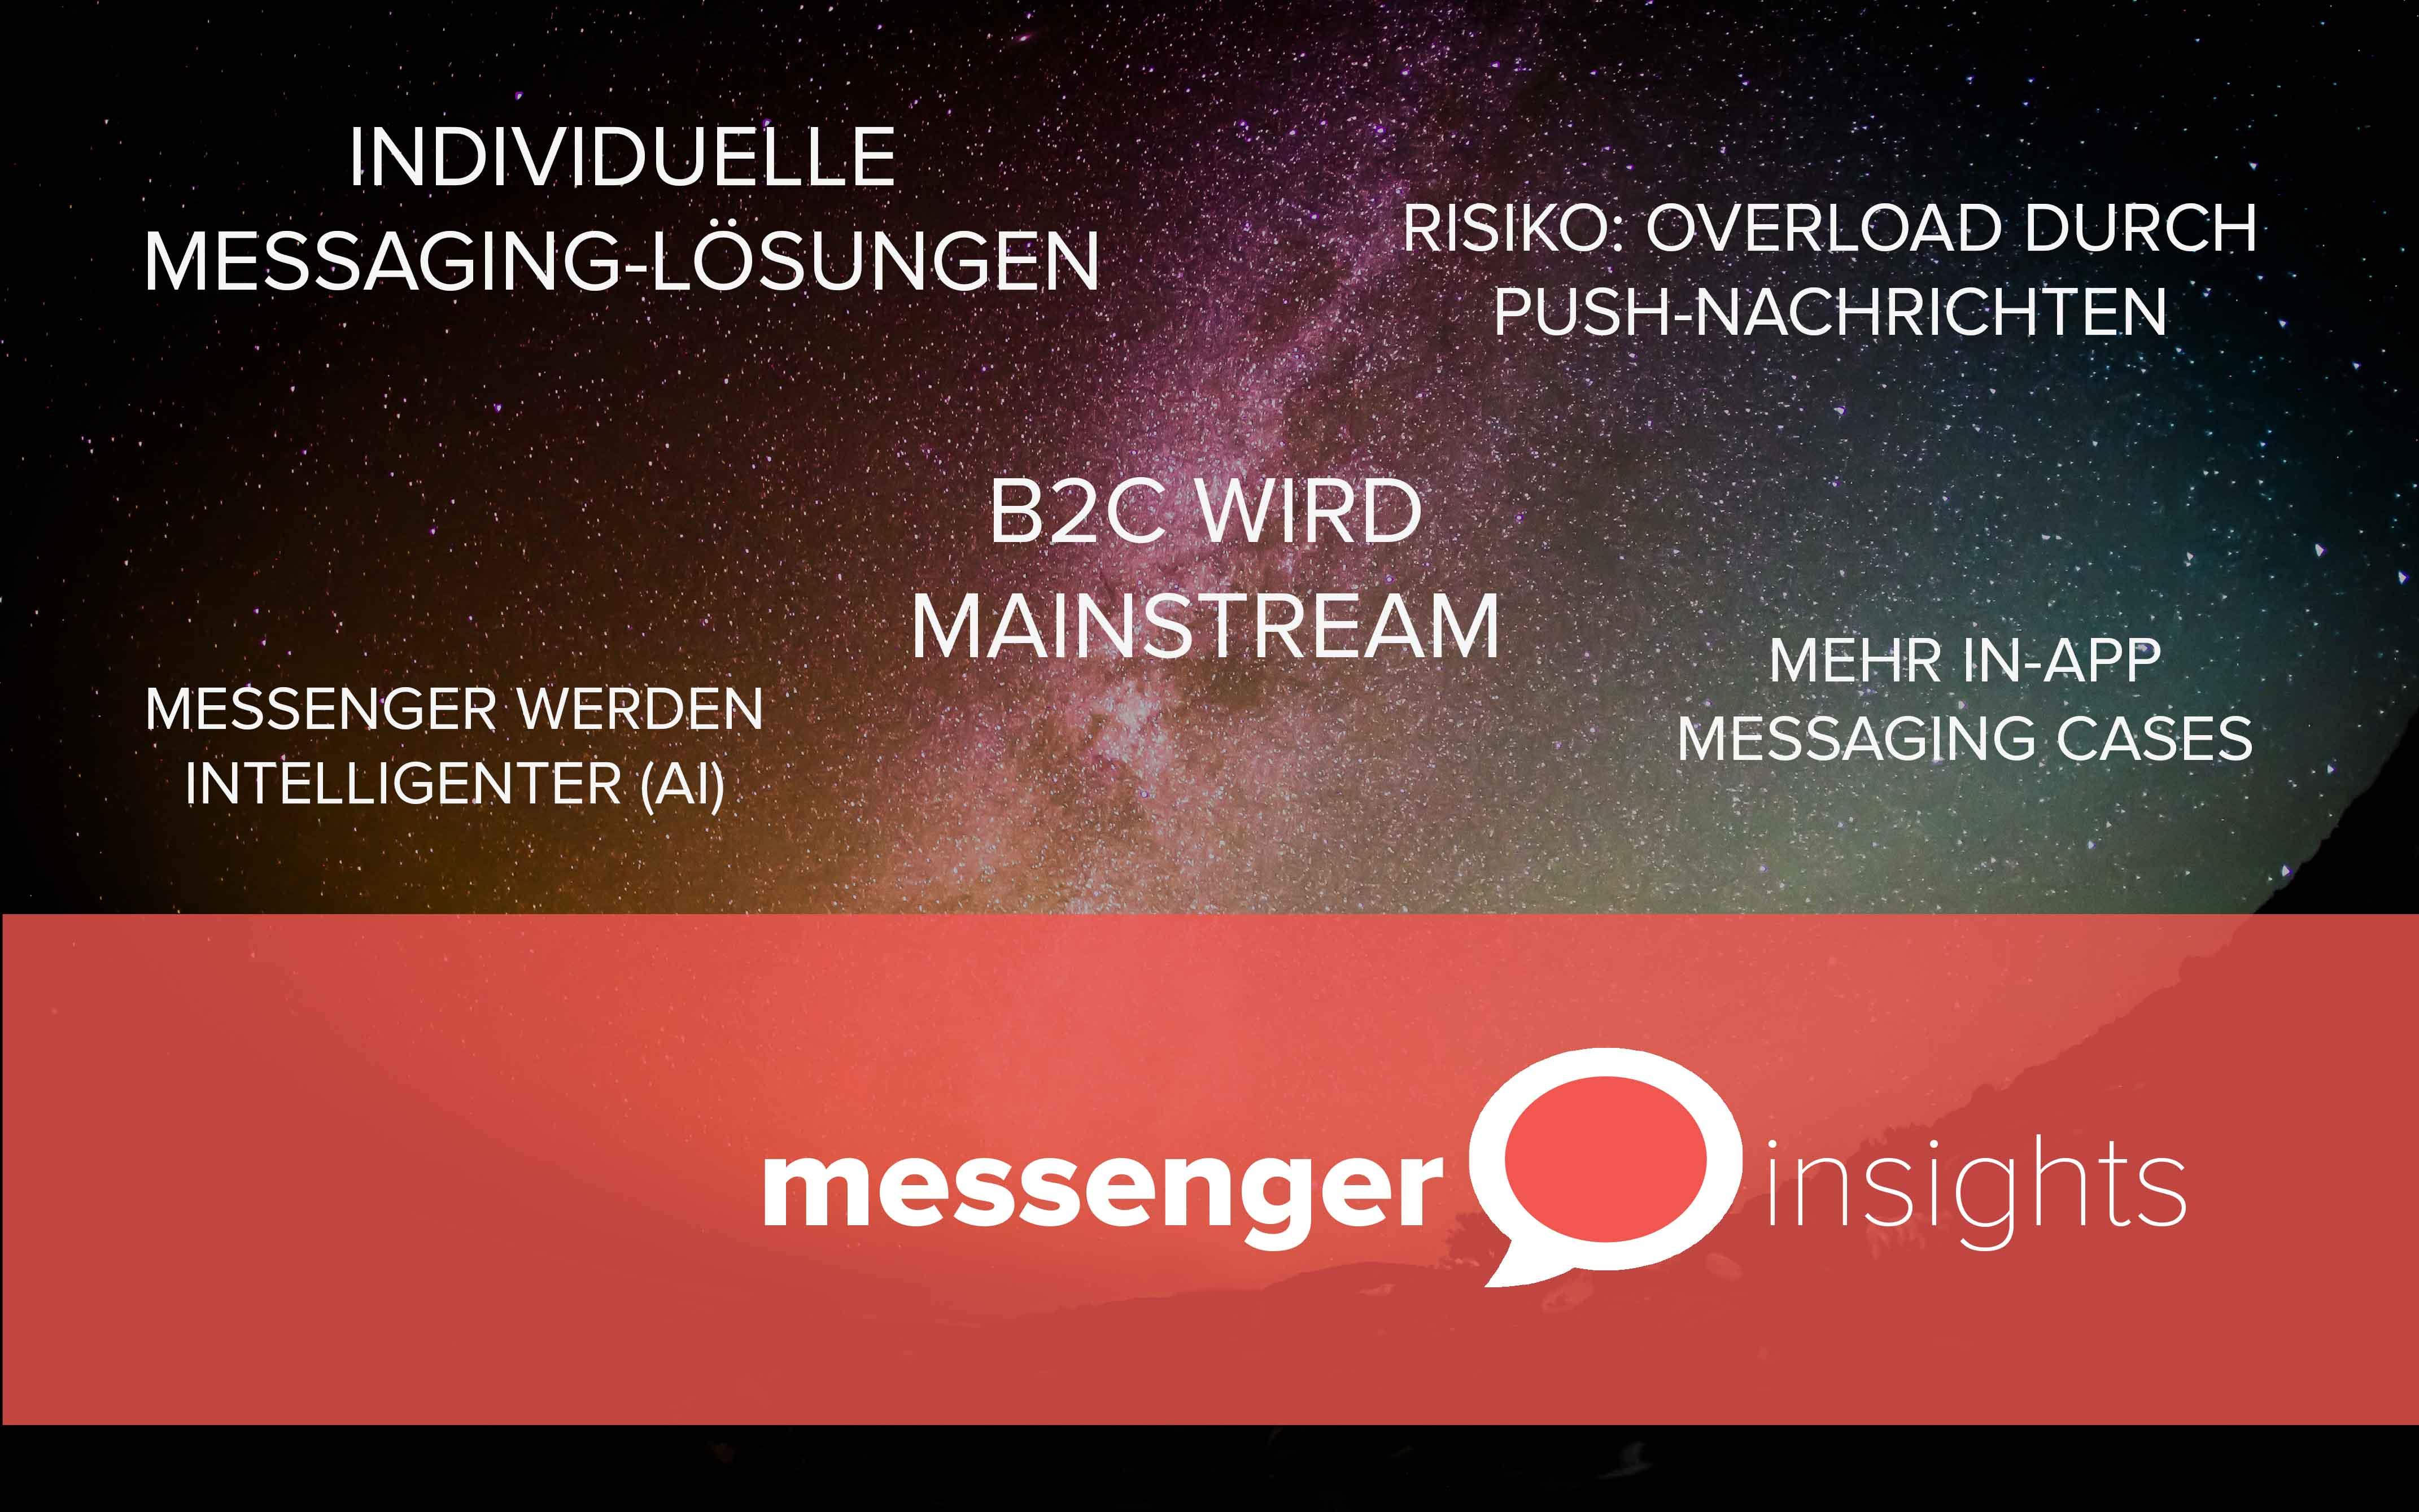 Die Zukunft des Messaging: 5 Trends, die jeder kennen sollte